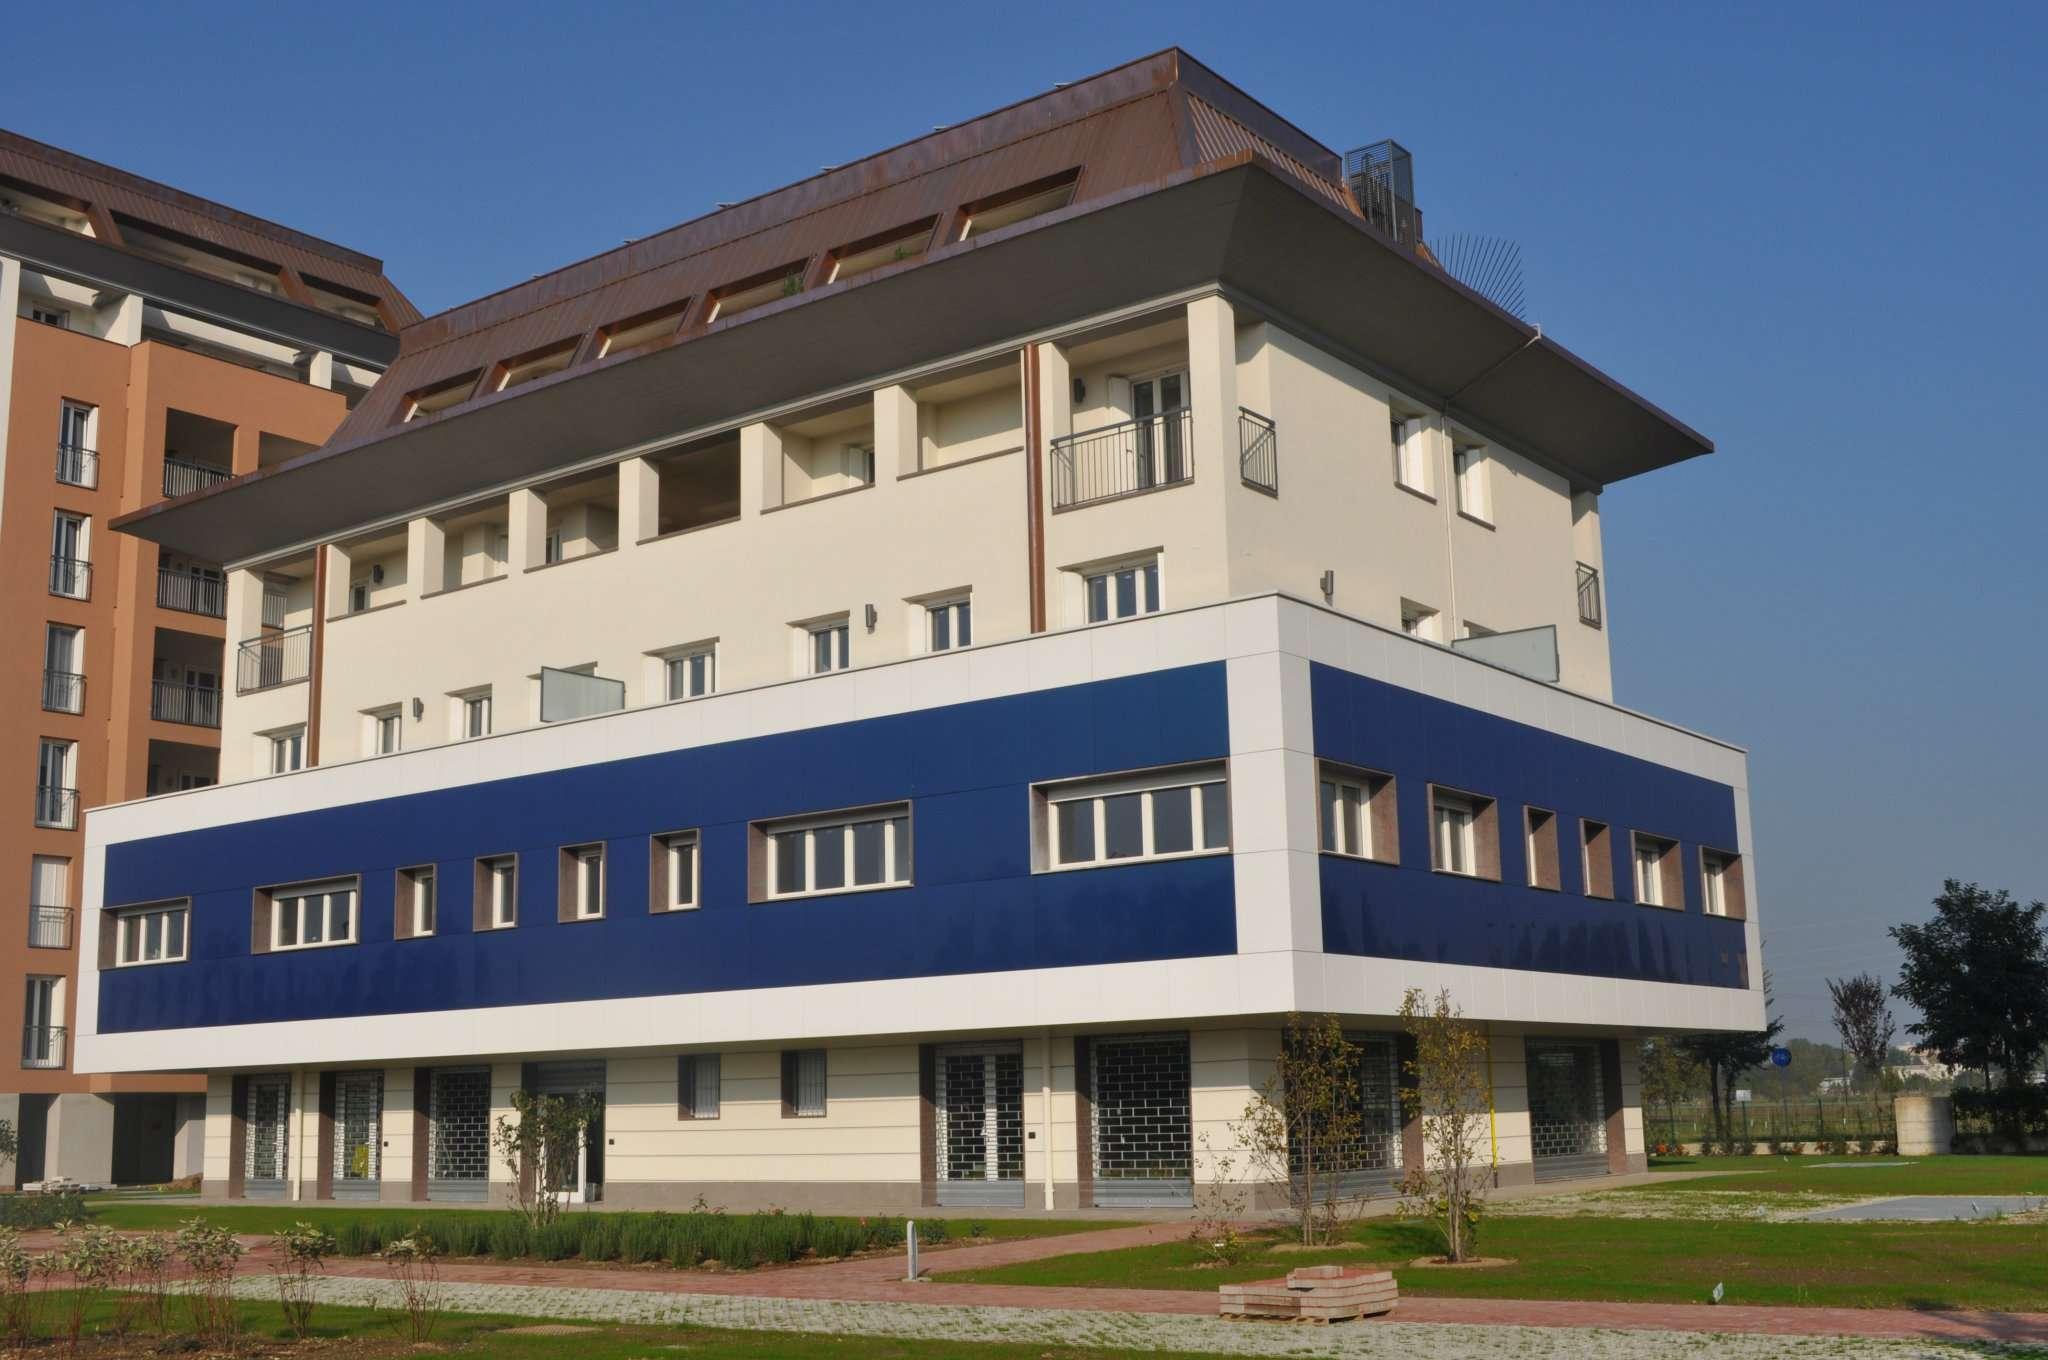 Ufficio-studio in Affitto a Segrate: 1 locali, 139 mq